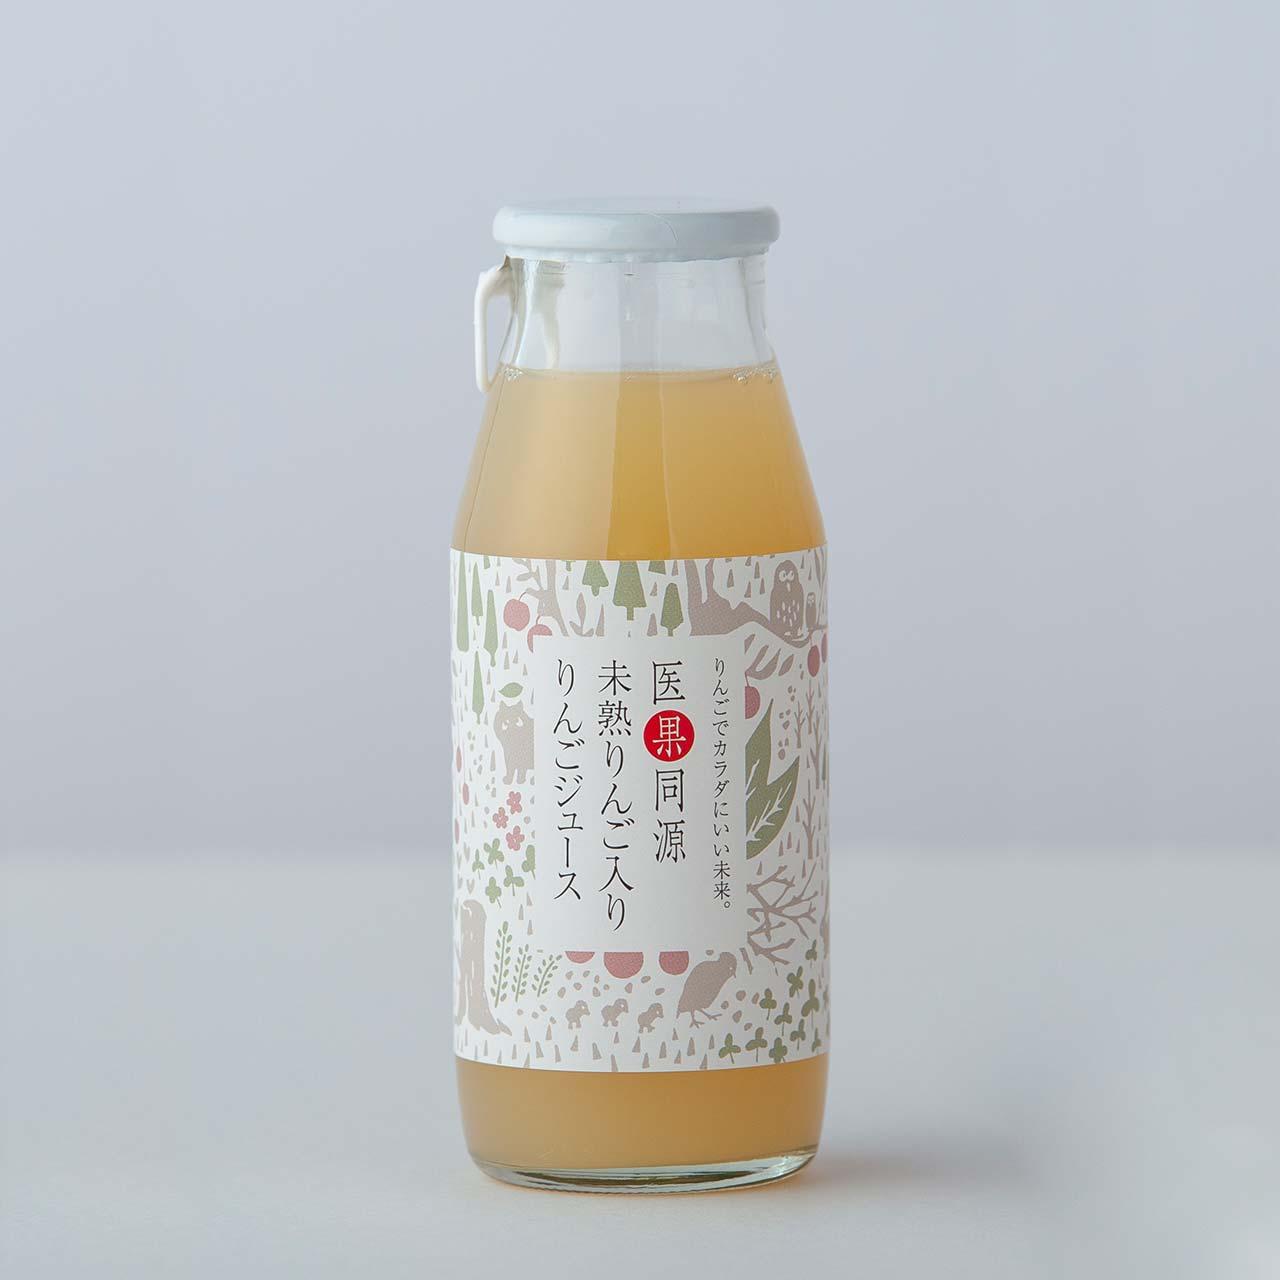 ビン6本 医果同源未熟りんご入りりんごジュース